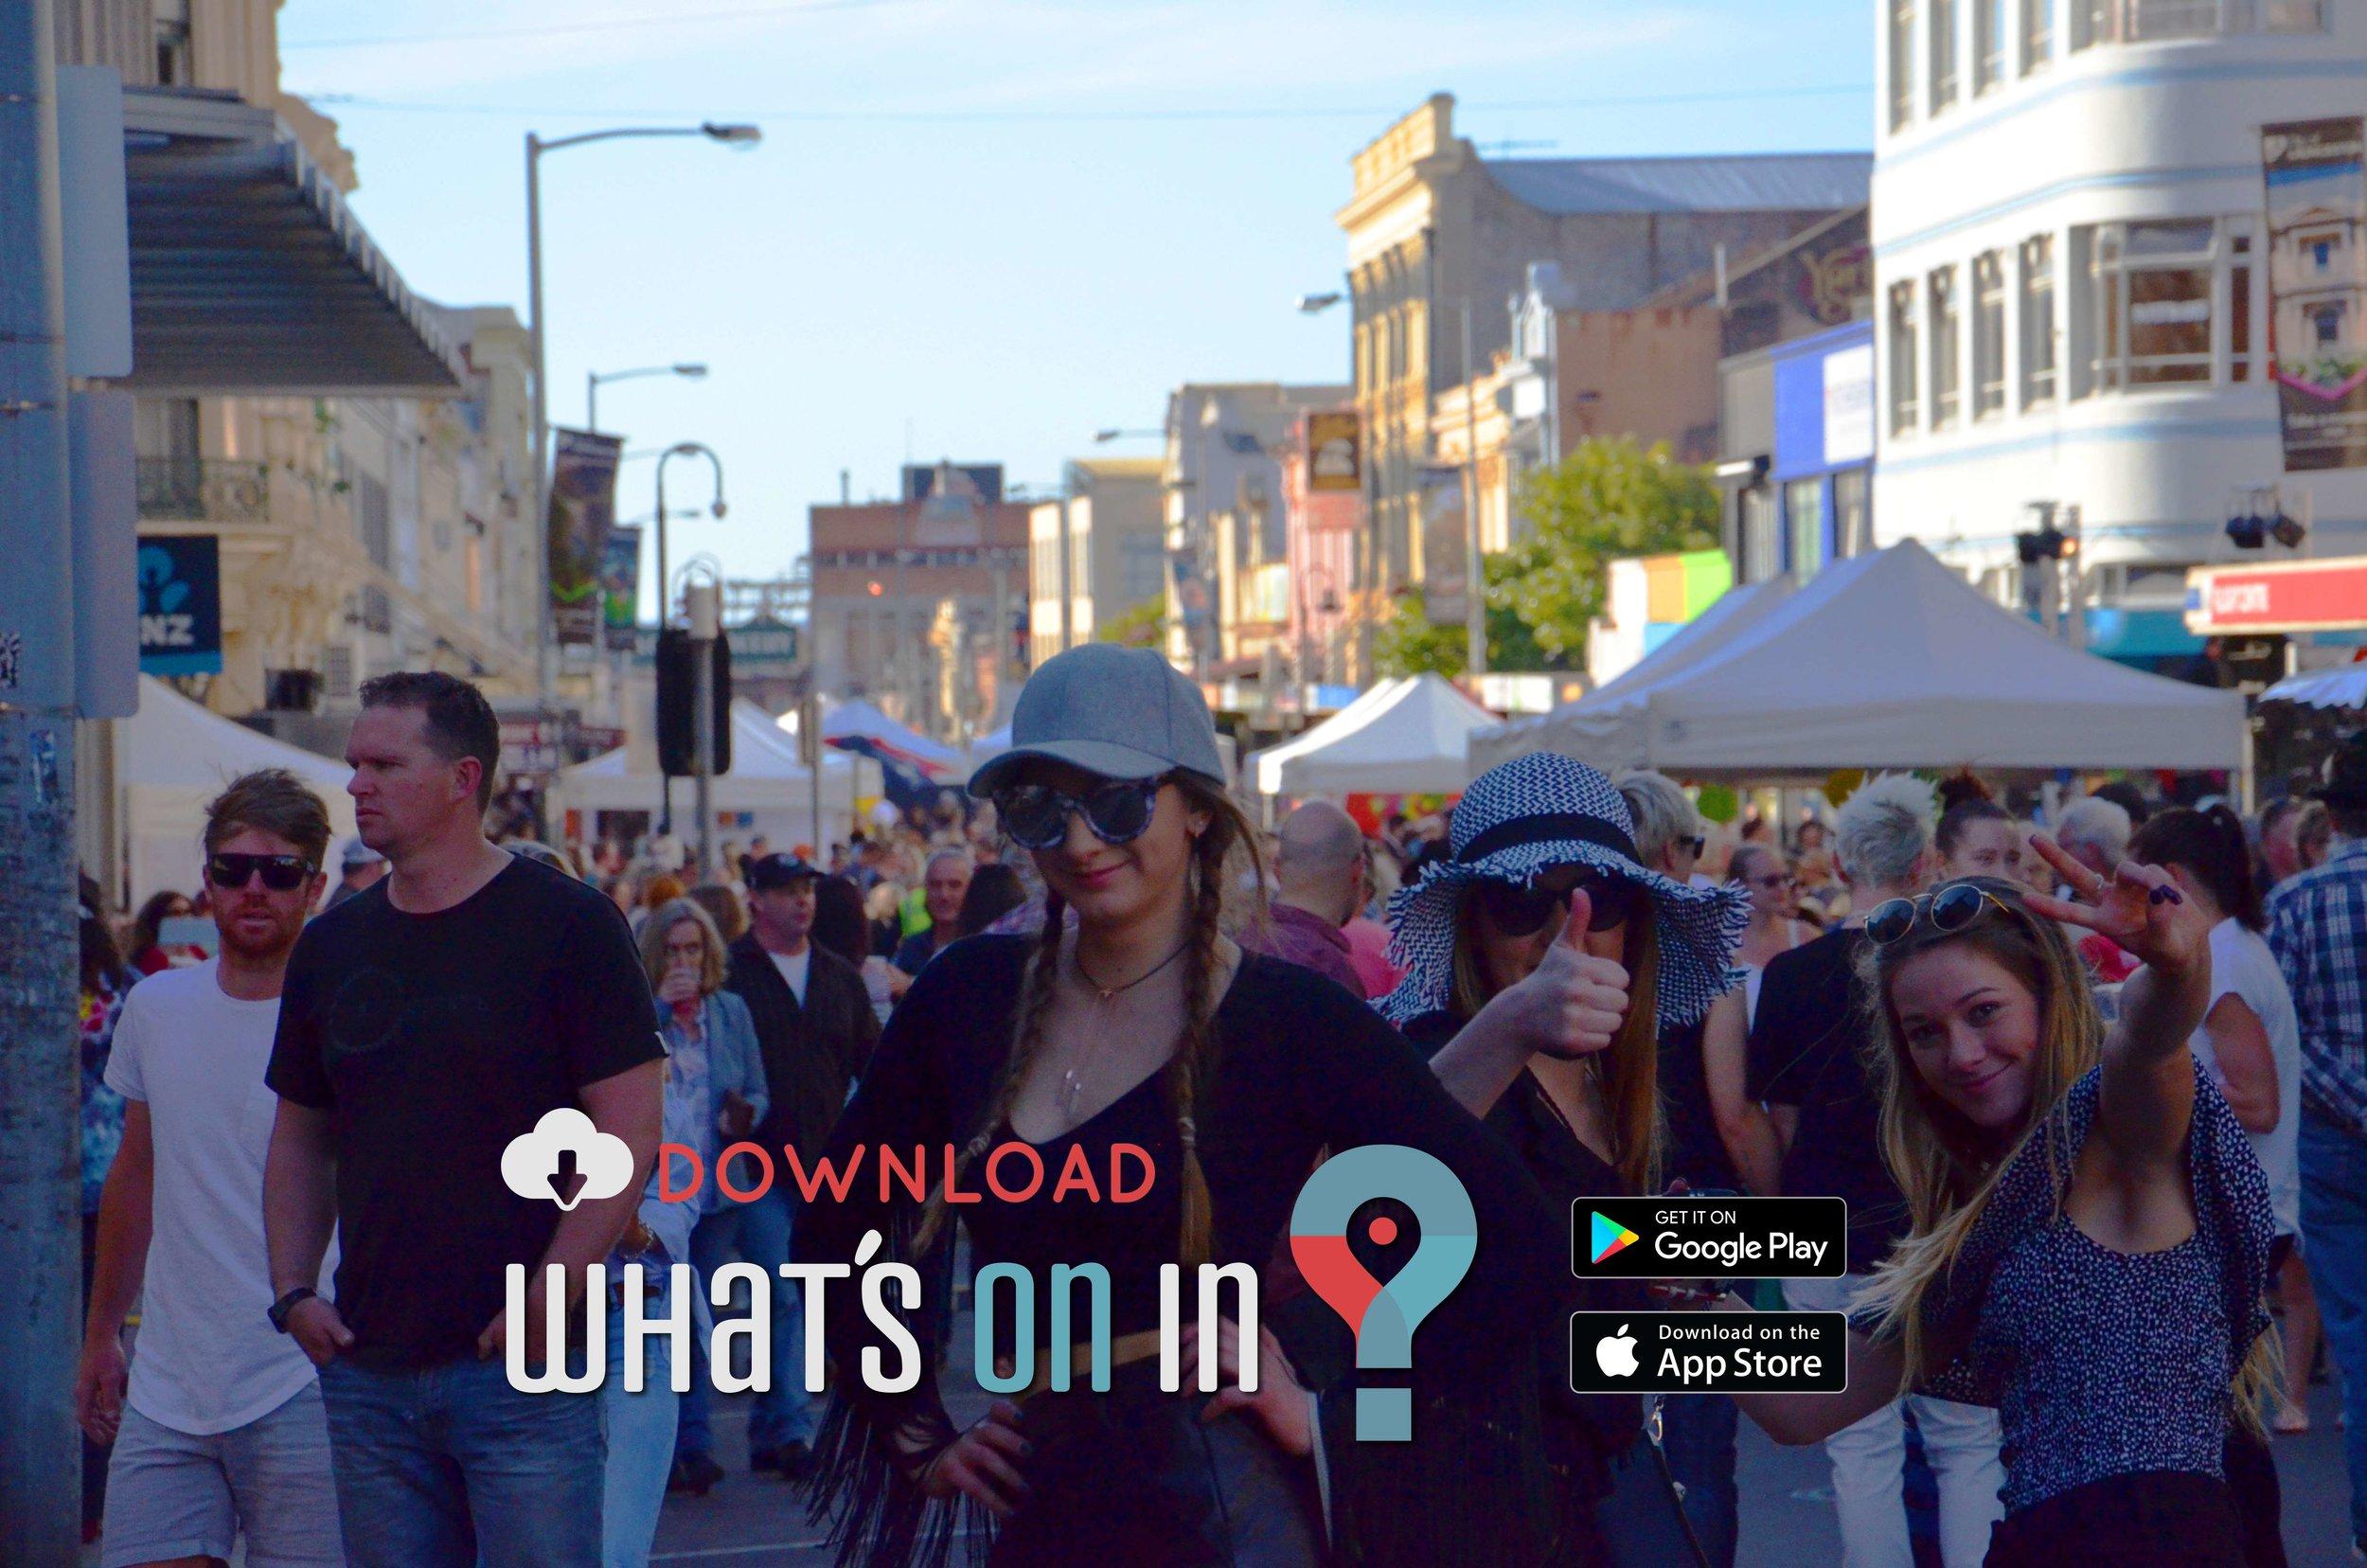 Fiesta on George Festival, Launceston, Tasmania 2016 - What's On In App 001 DSC_7313.jpg